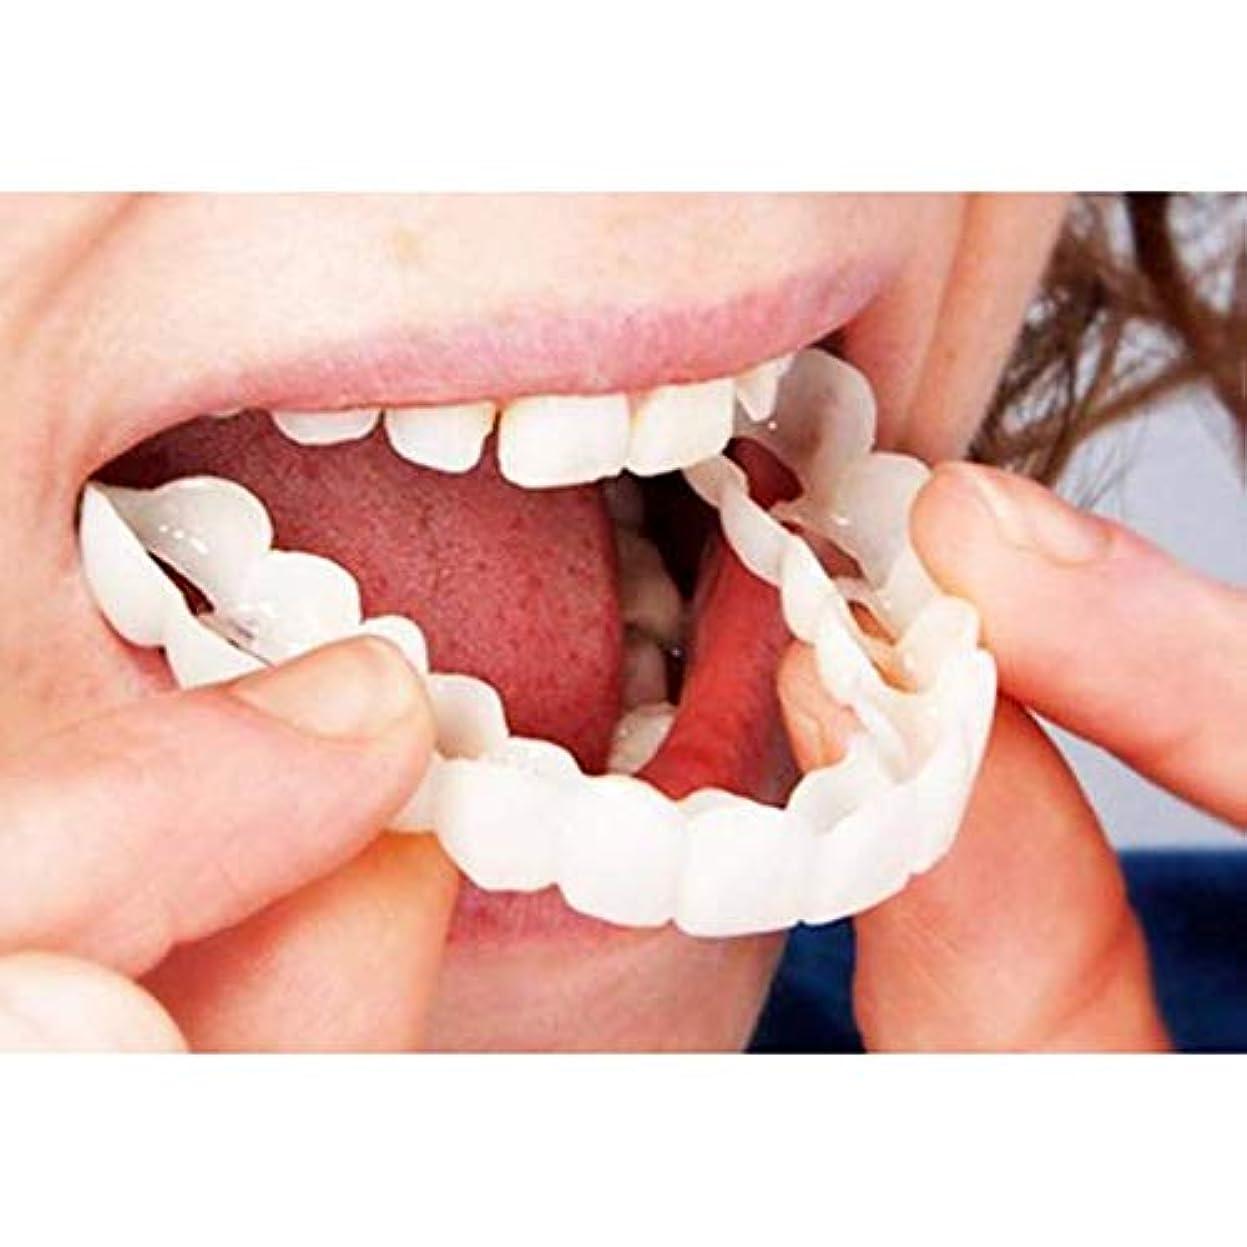 遺産アーサーコナンドイル褐色化粧品の歯、5個スナップインスタントスマイルアッパーベニアコンフォートフィットフレックス化粧品の歯ワンサイズフィット最も快適な義歯